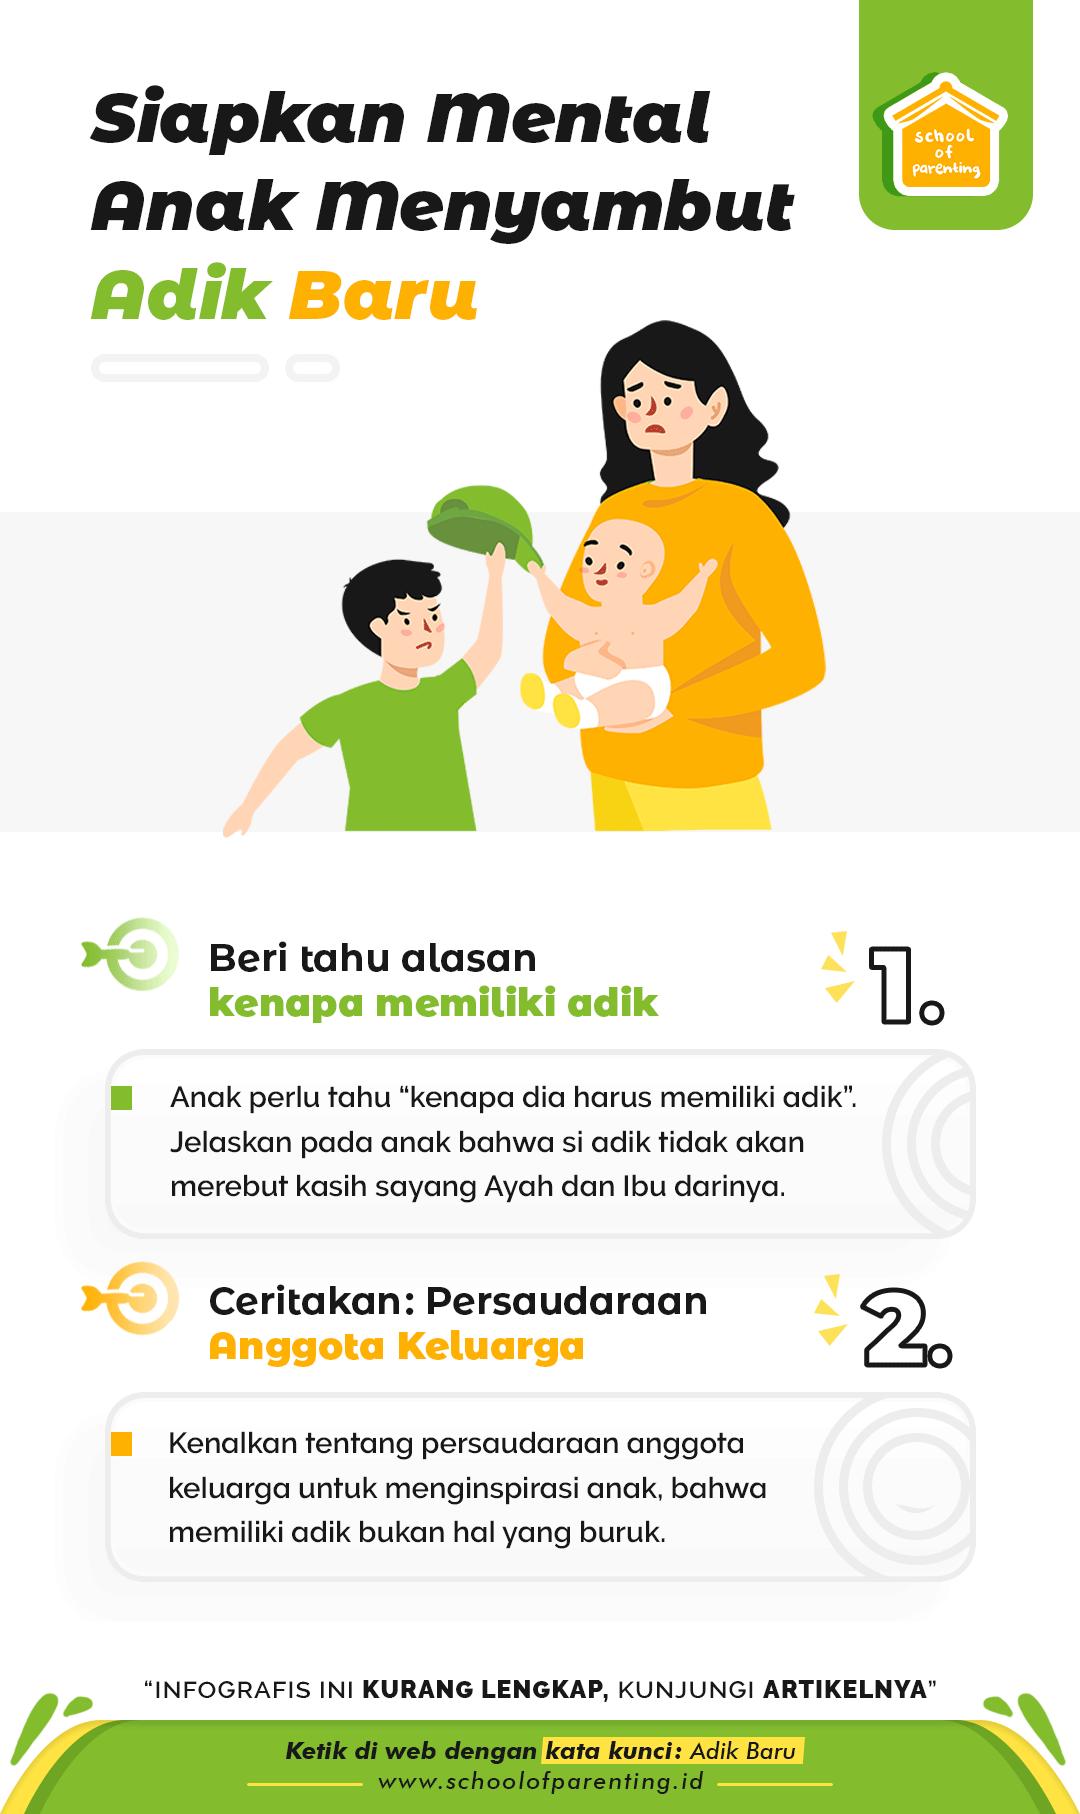 Siapkan mental anak punya adik baru